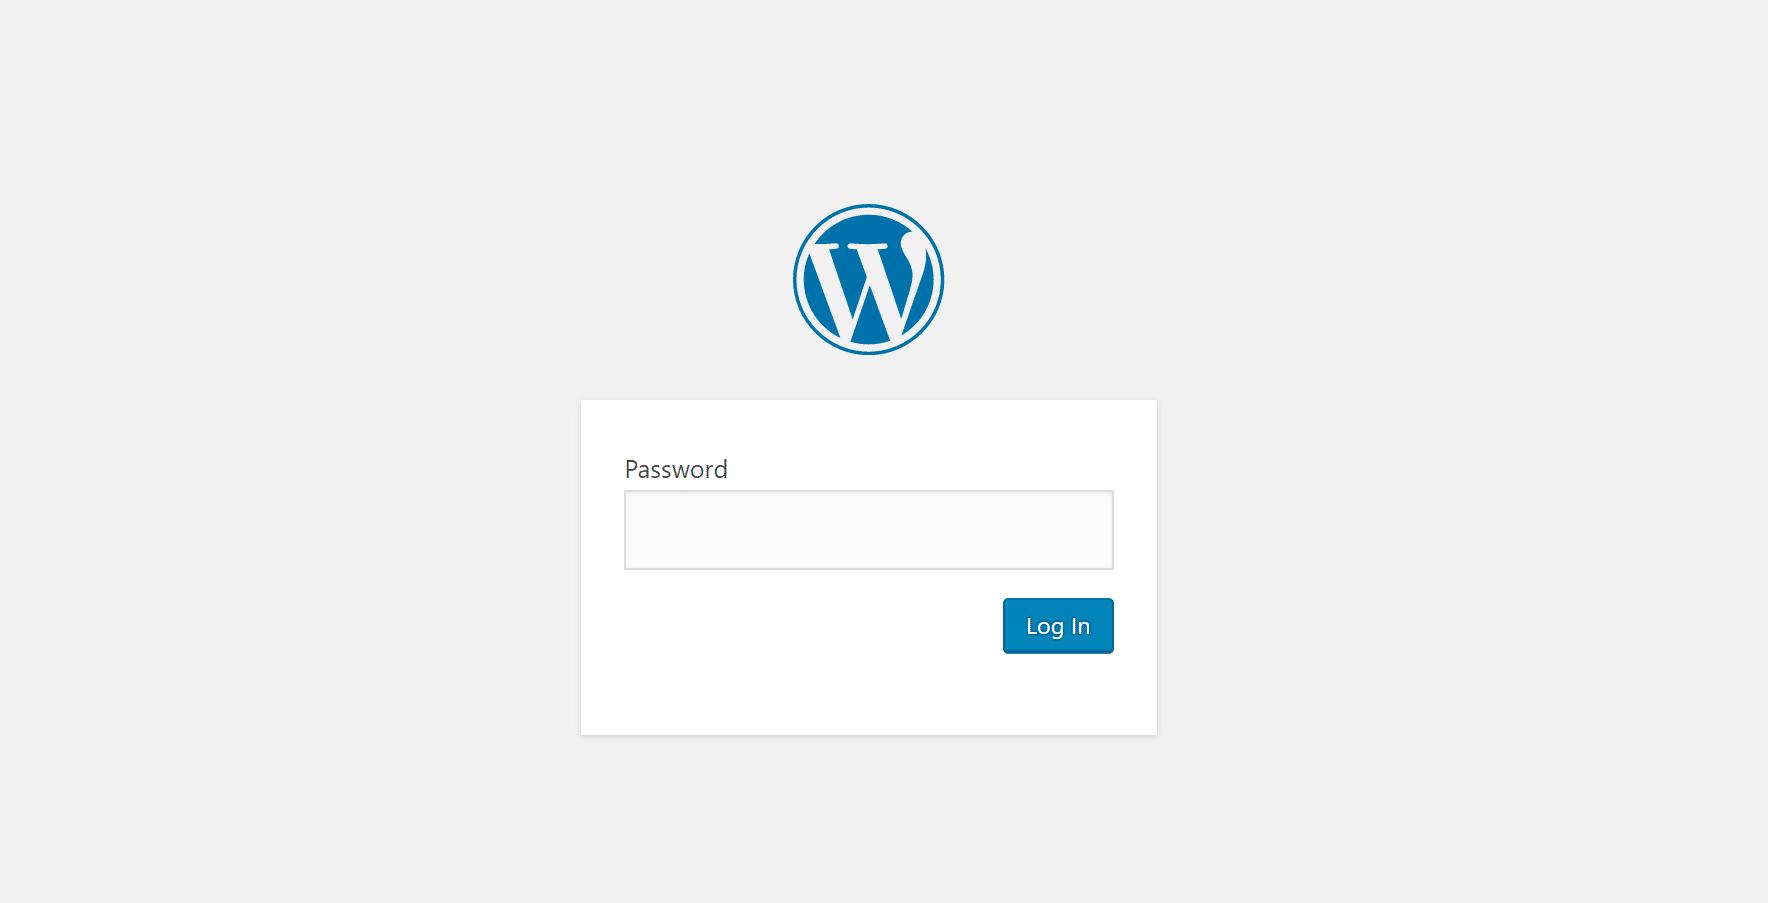 De sitebrede wachtwoordpagina